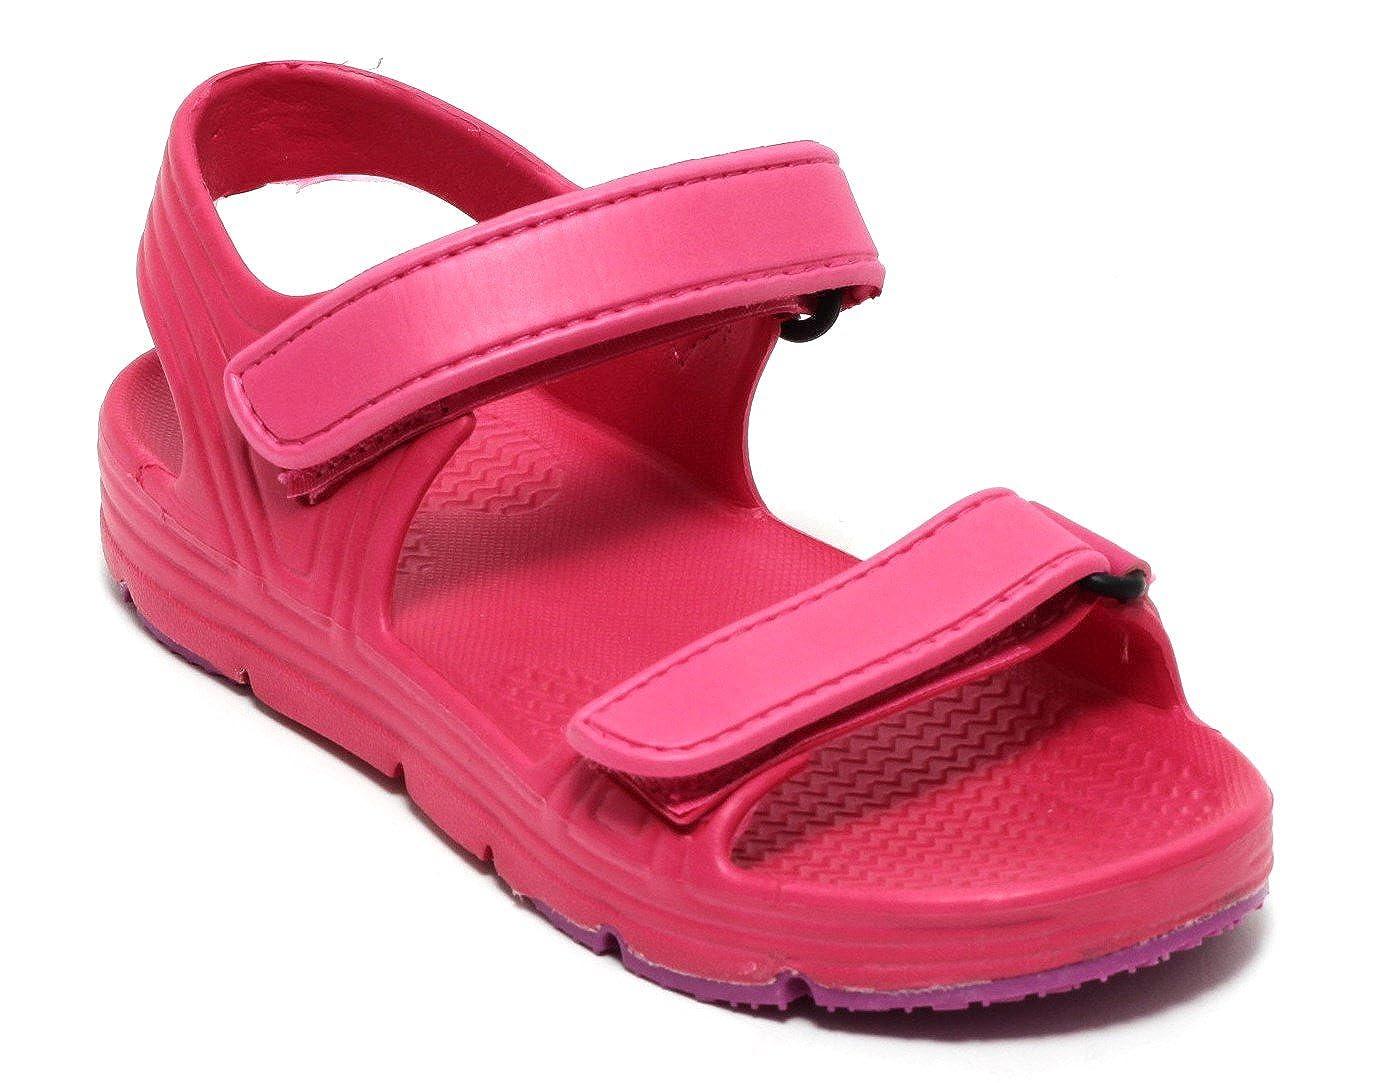 Mädchen Kinder Strand- und Badesandale Aquaschuhe Badeschuhe Wassersport Sandale PINK/BEERE